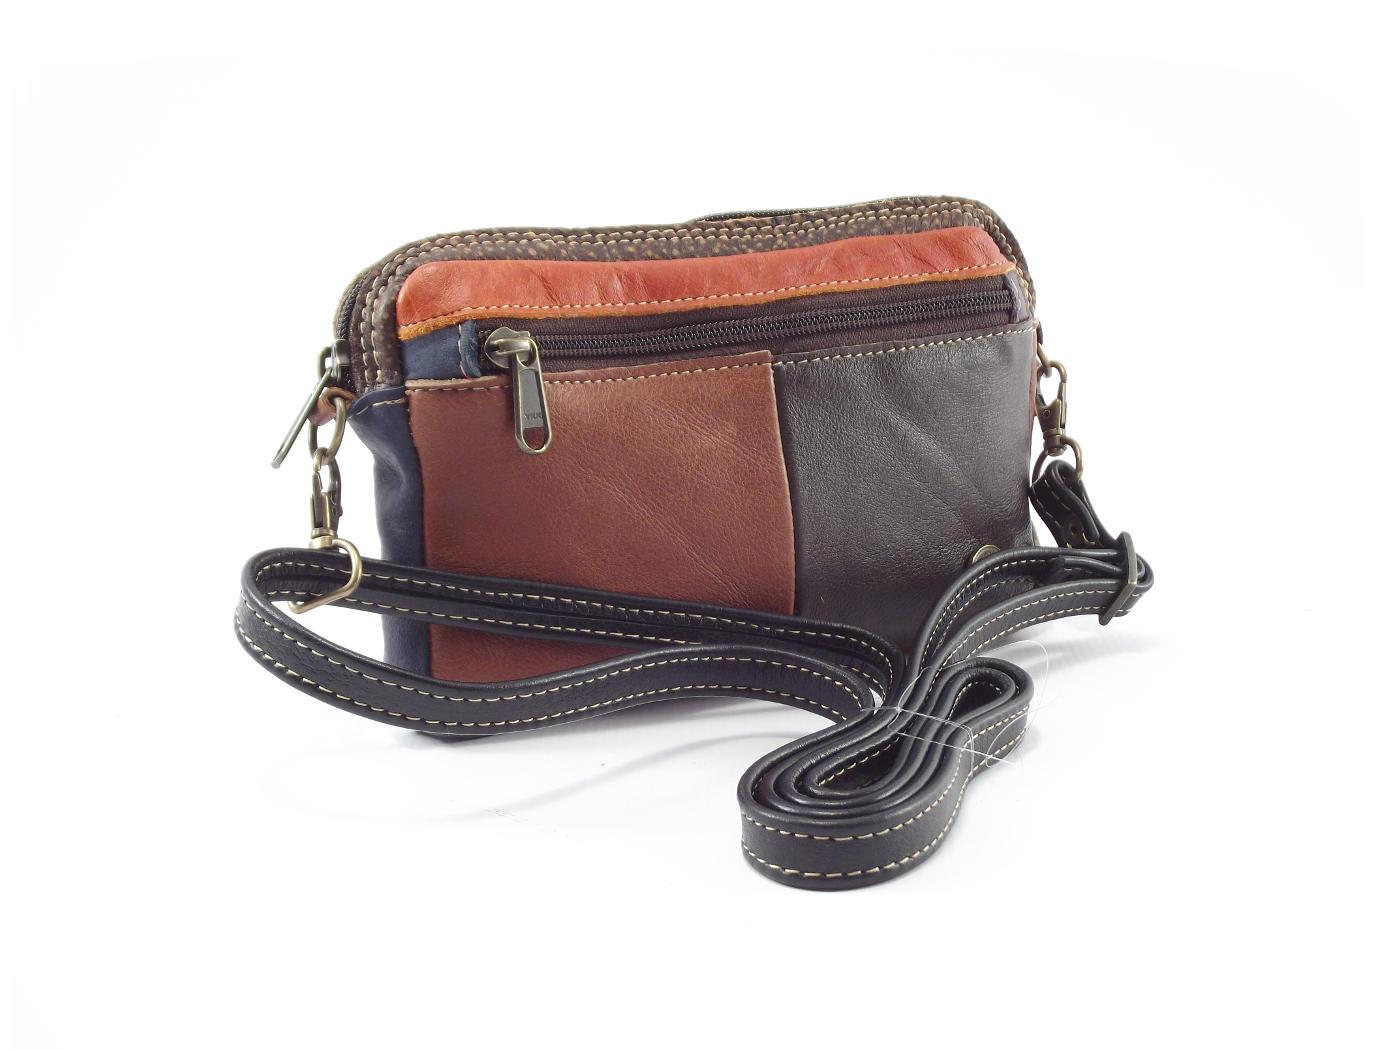 62da1524b3 2015 womens leather envelope shoulder bags ladies small vintage summer  handbags crossbody sling messenger bag designer satchels